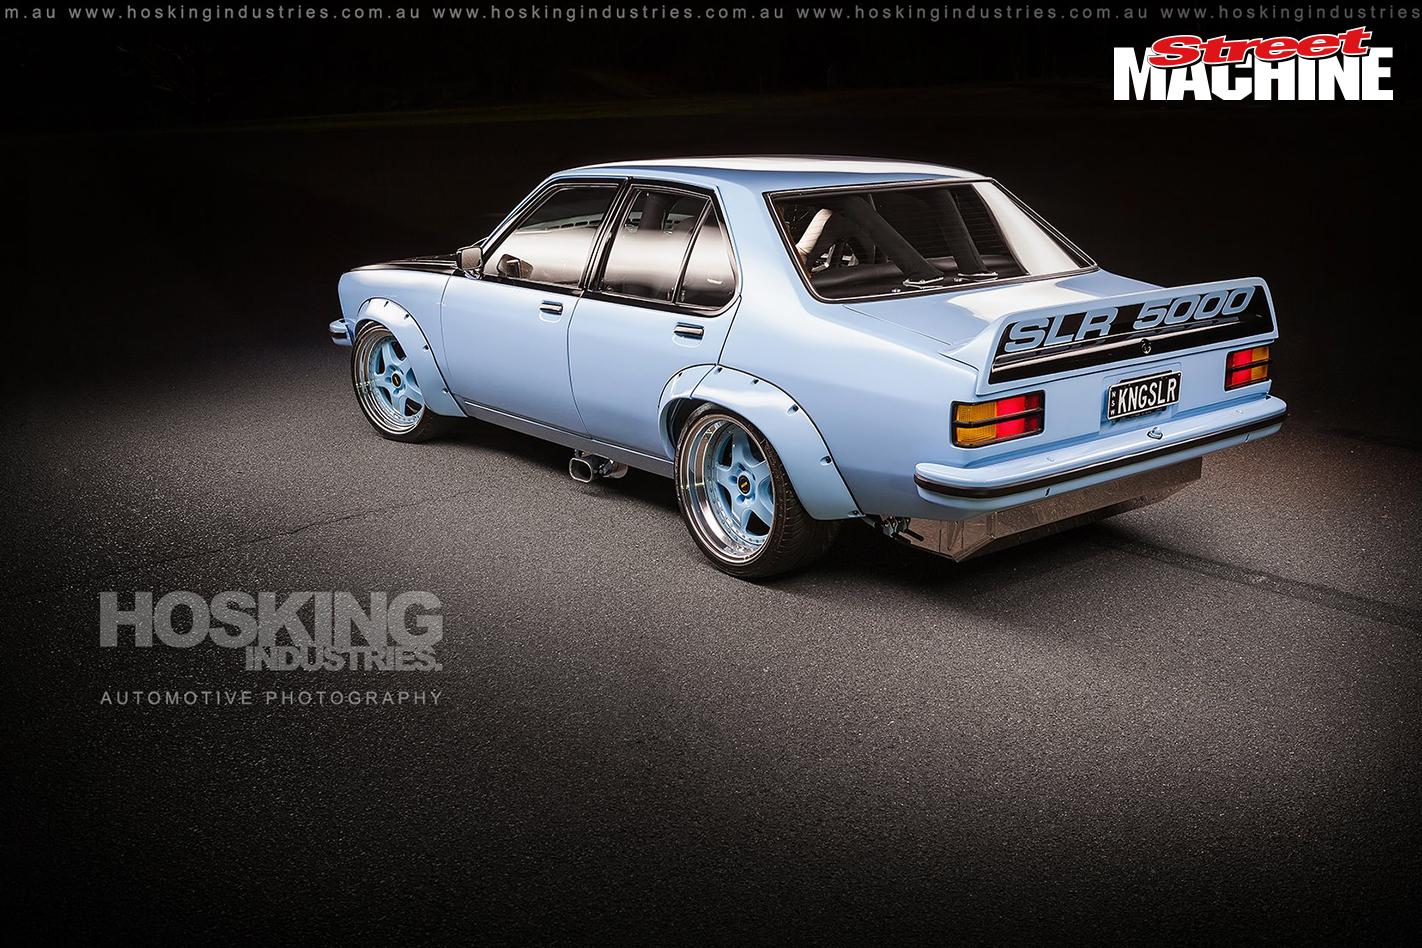 Holden Torana SLR KINGSLR 1